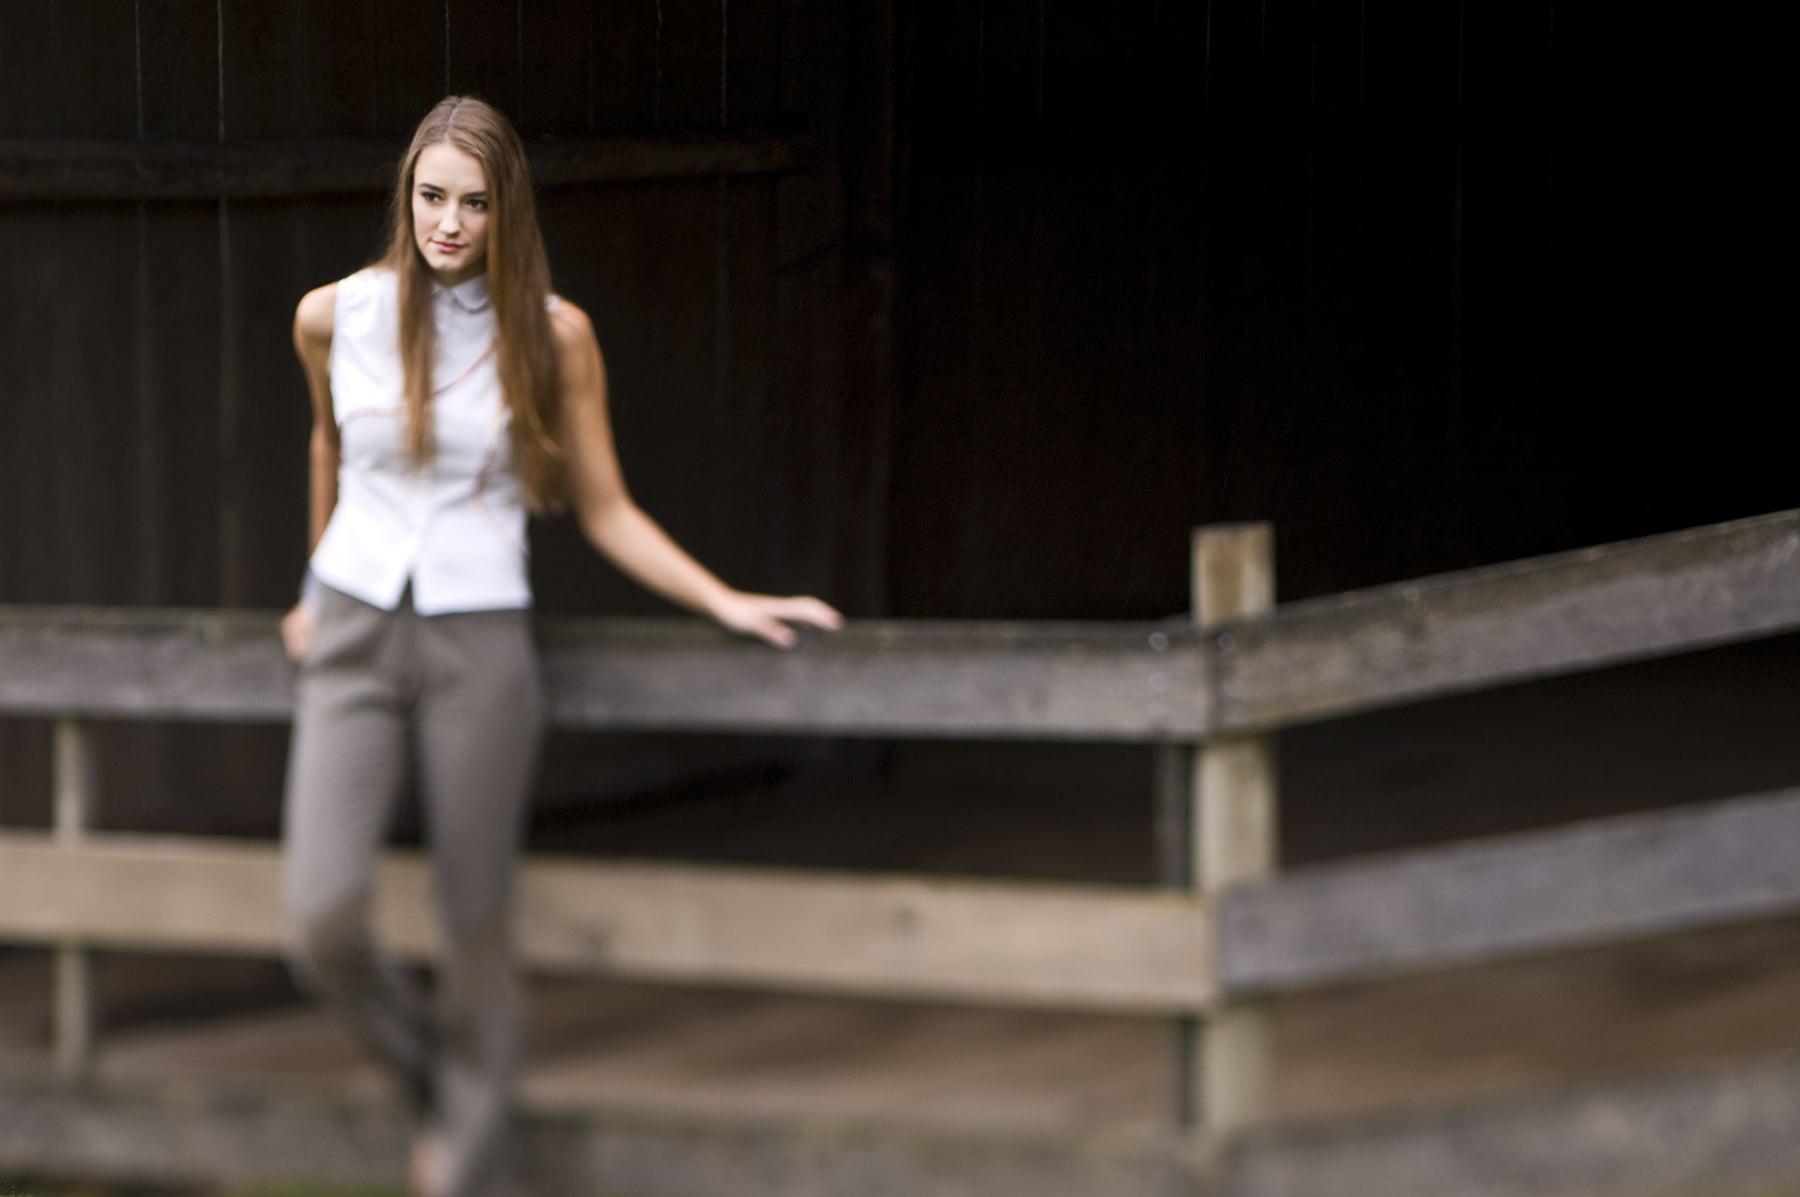 White_blouse_grey_pants4.jpg